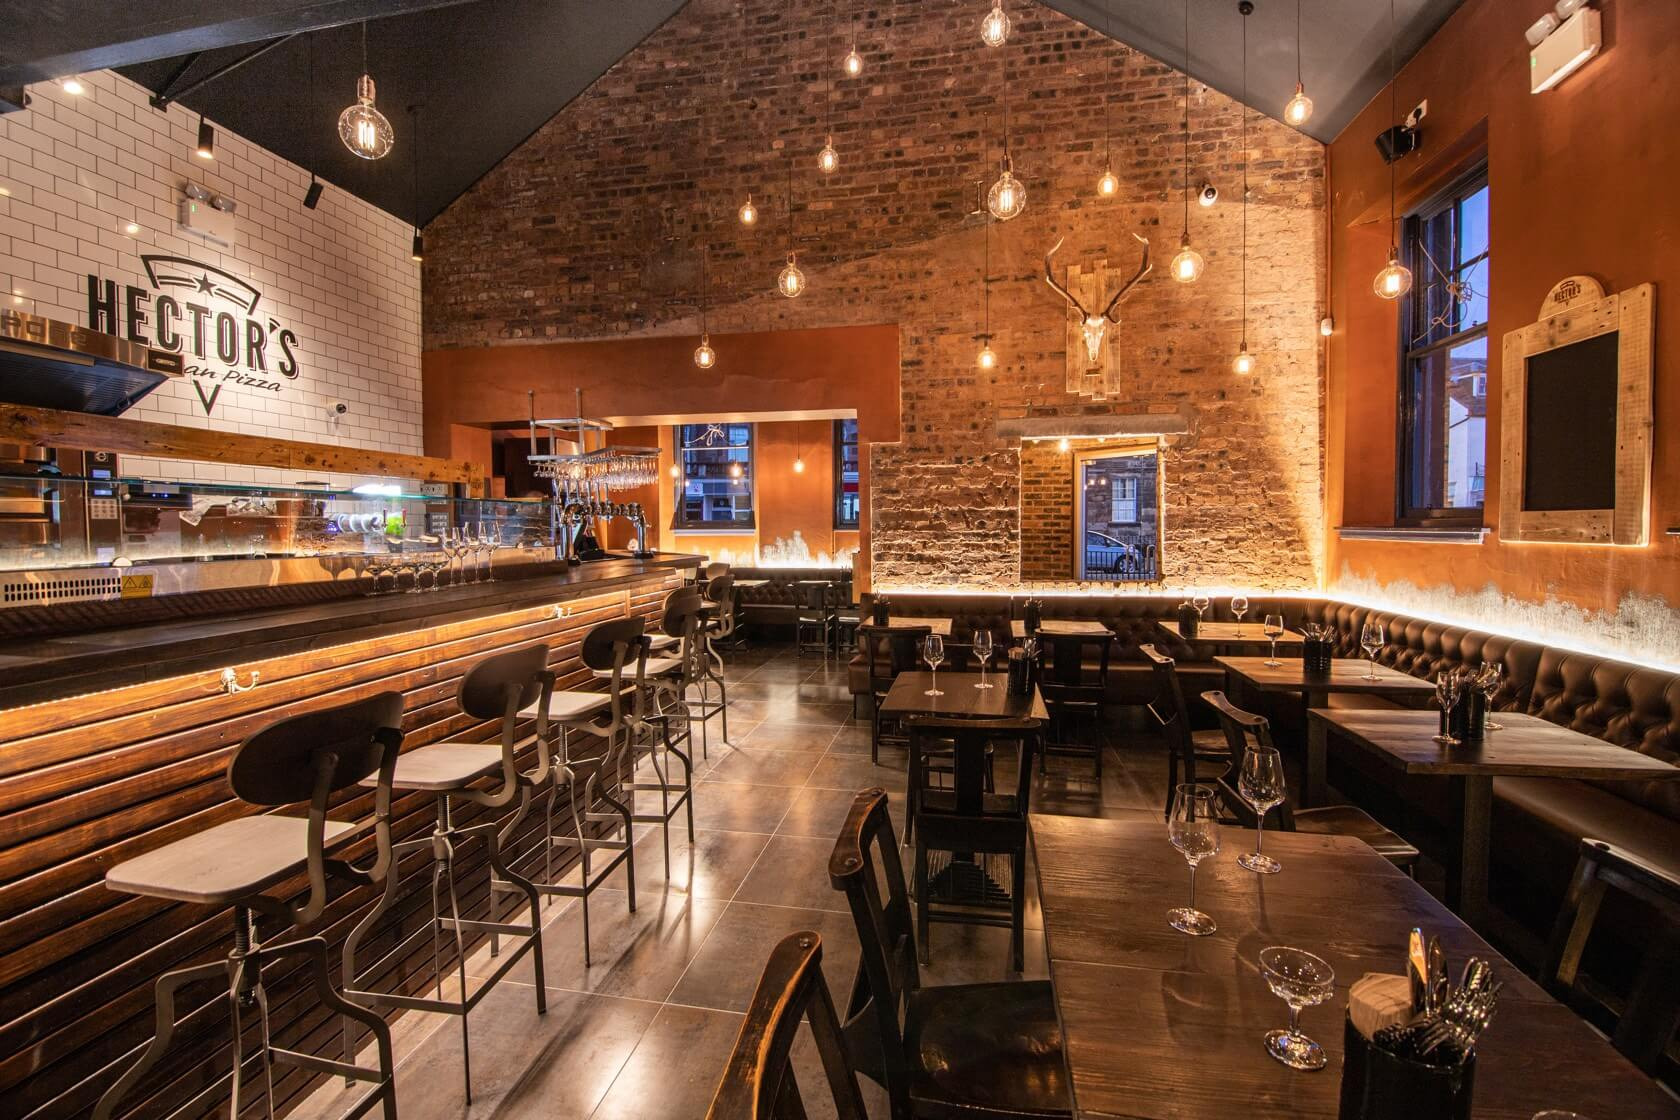 Hector's Artisan Pizza 13, Dunbar - C&G Development